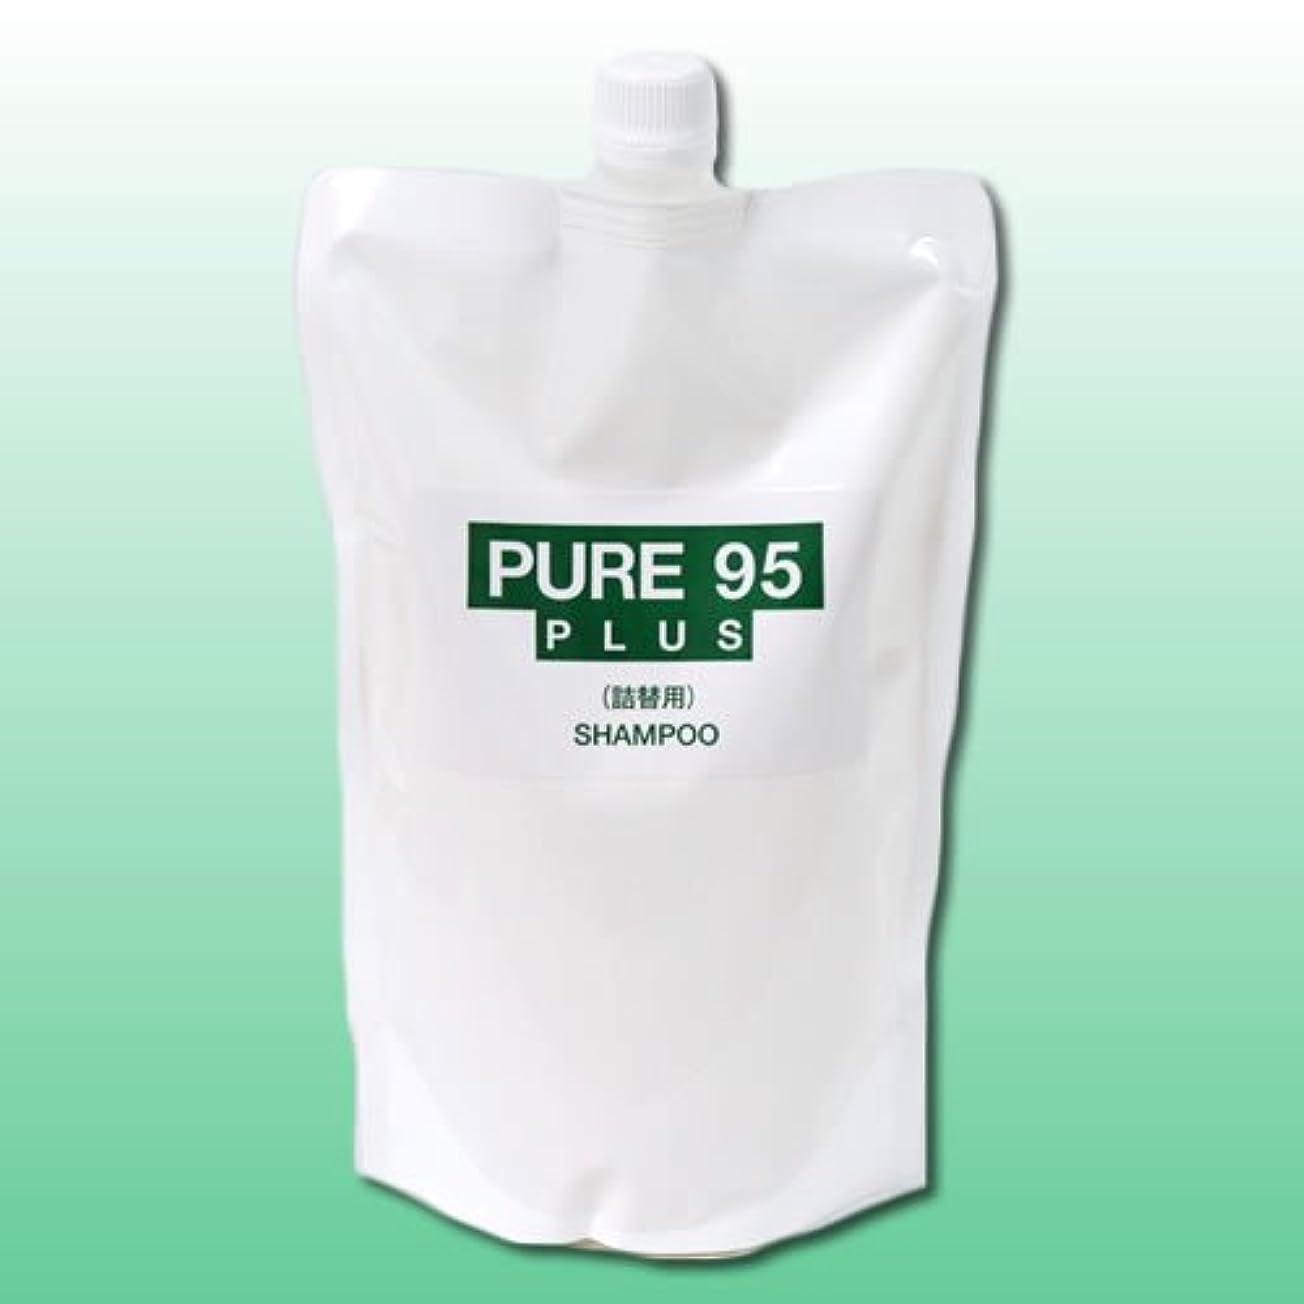 回復旅強盗パーミングジャパン PURE95(ピュア95) プラスシャンプー 700ml (草原の香り) 詰替用